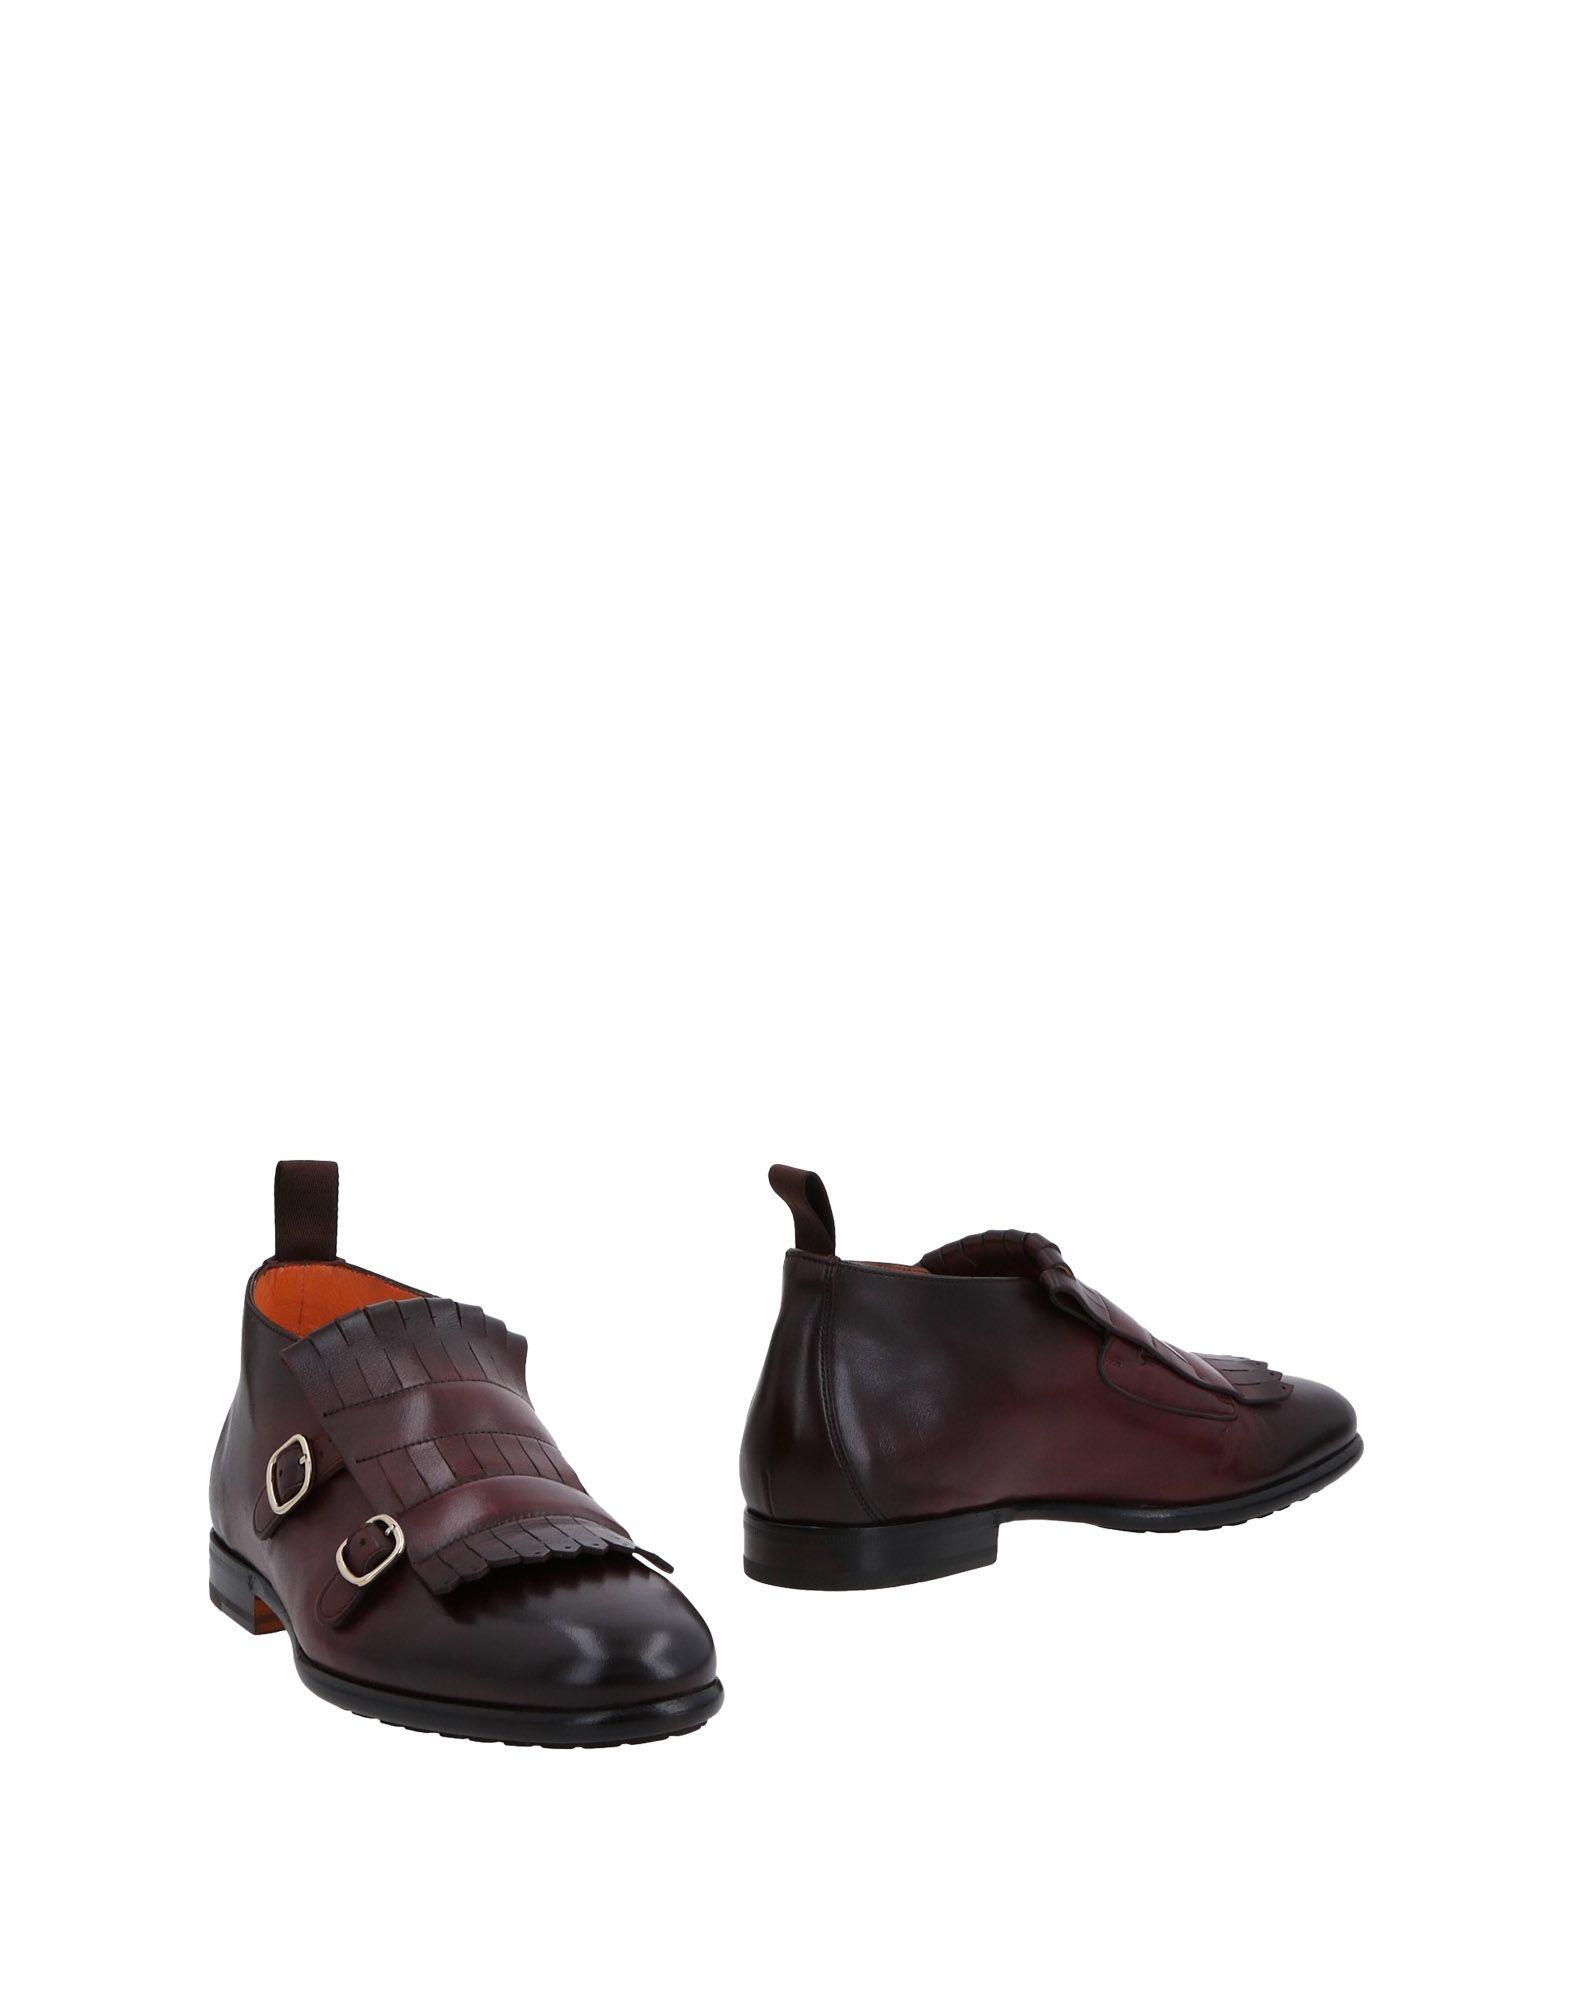 Santoni Stiefelette Qualität Herren  11478518OQ Gute Qualität Stiefelette beliebte Schuhe 59b8b1